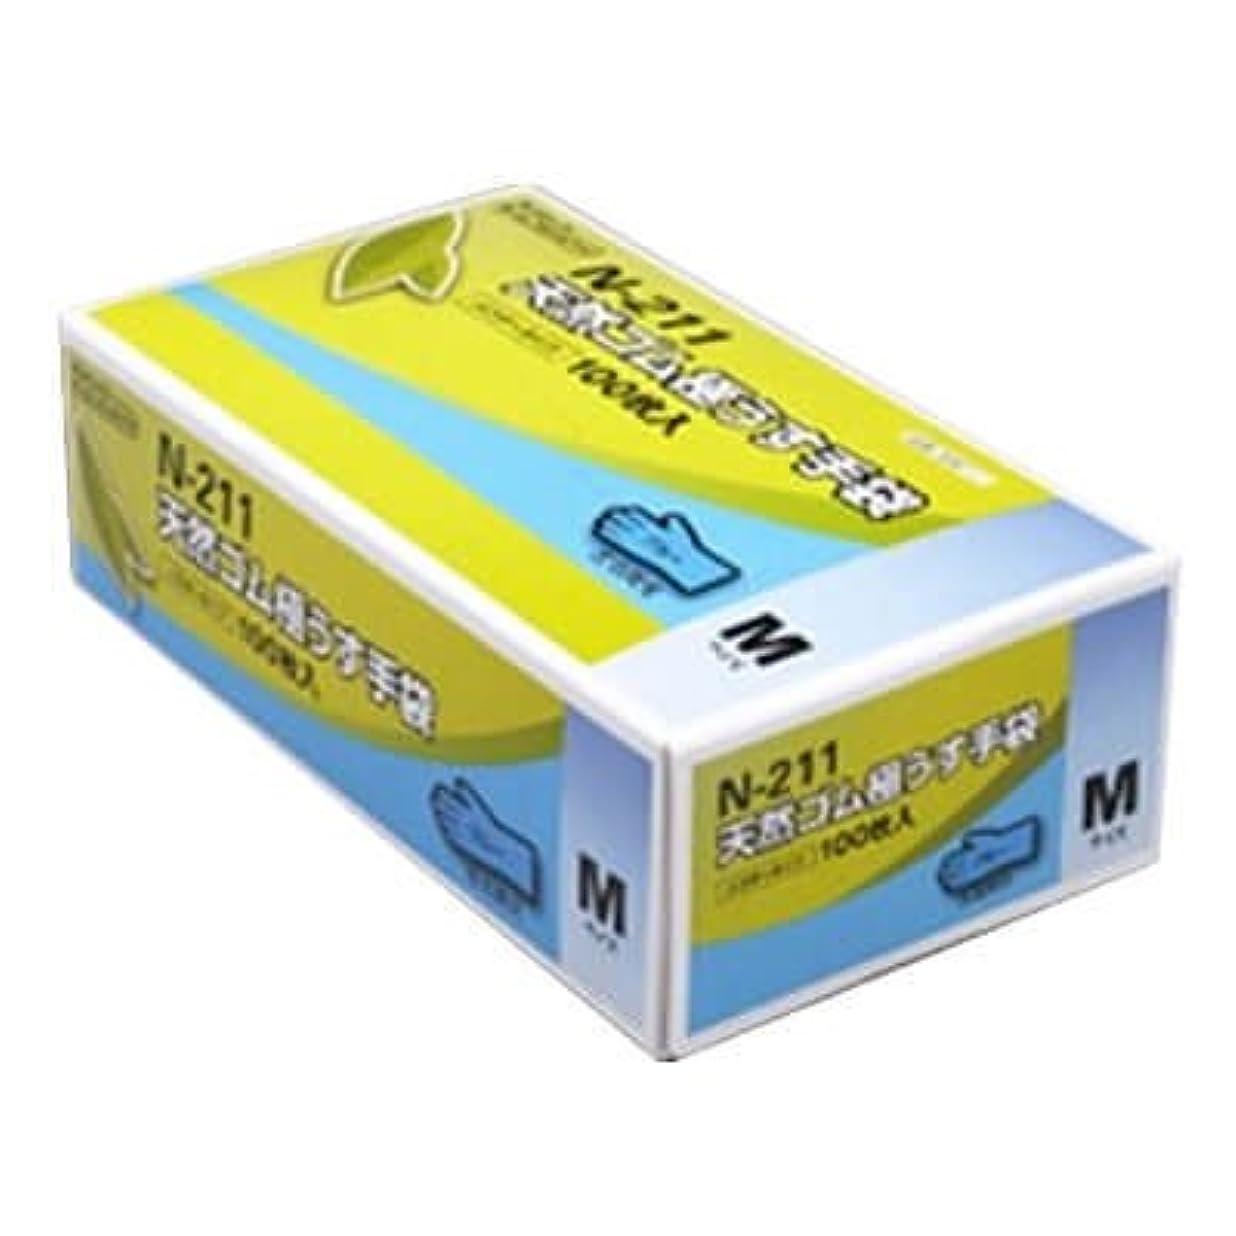 予定おばあさん体操選手【ケース販売】 ダンロップ 天然ゴム極うす手袋 N-211 M ブルー (100枚入×20箱)